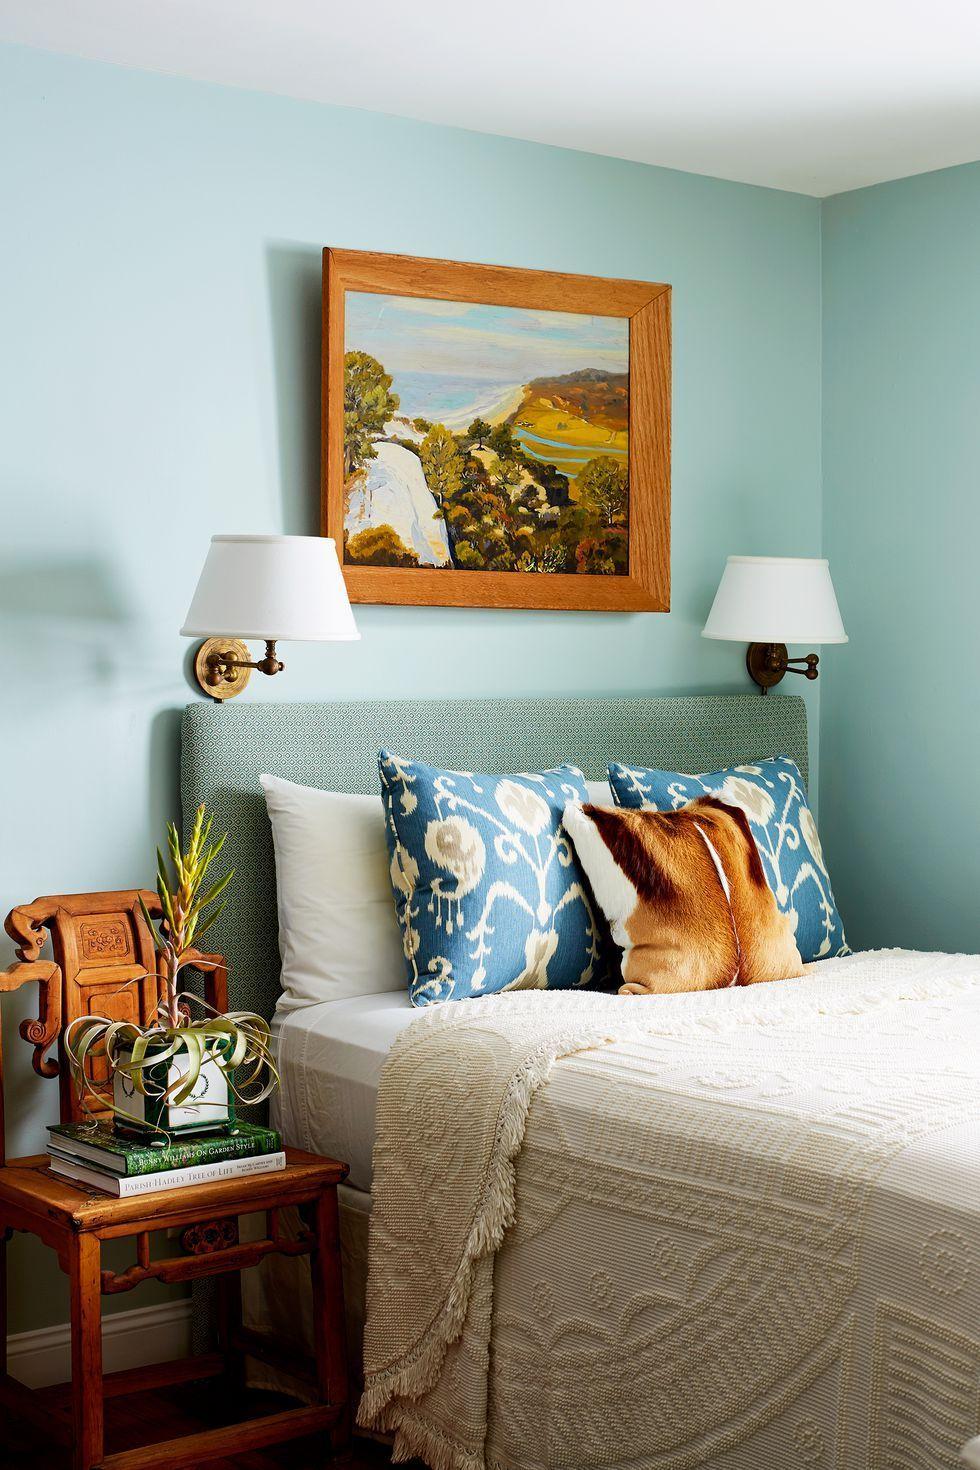 Không thể chọn màu xanh lá cây và xanh da trời cho phòng ngủ của bạn? Căn phòng này mang lại giải pháp kết hợp hoàn hảo.